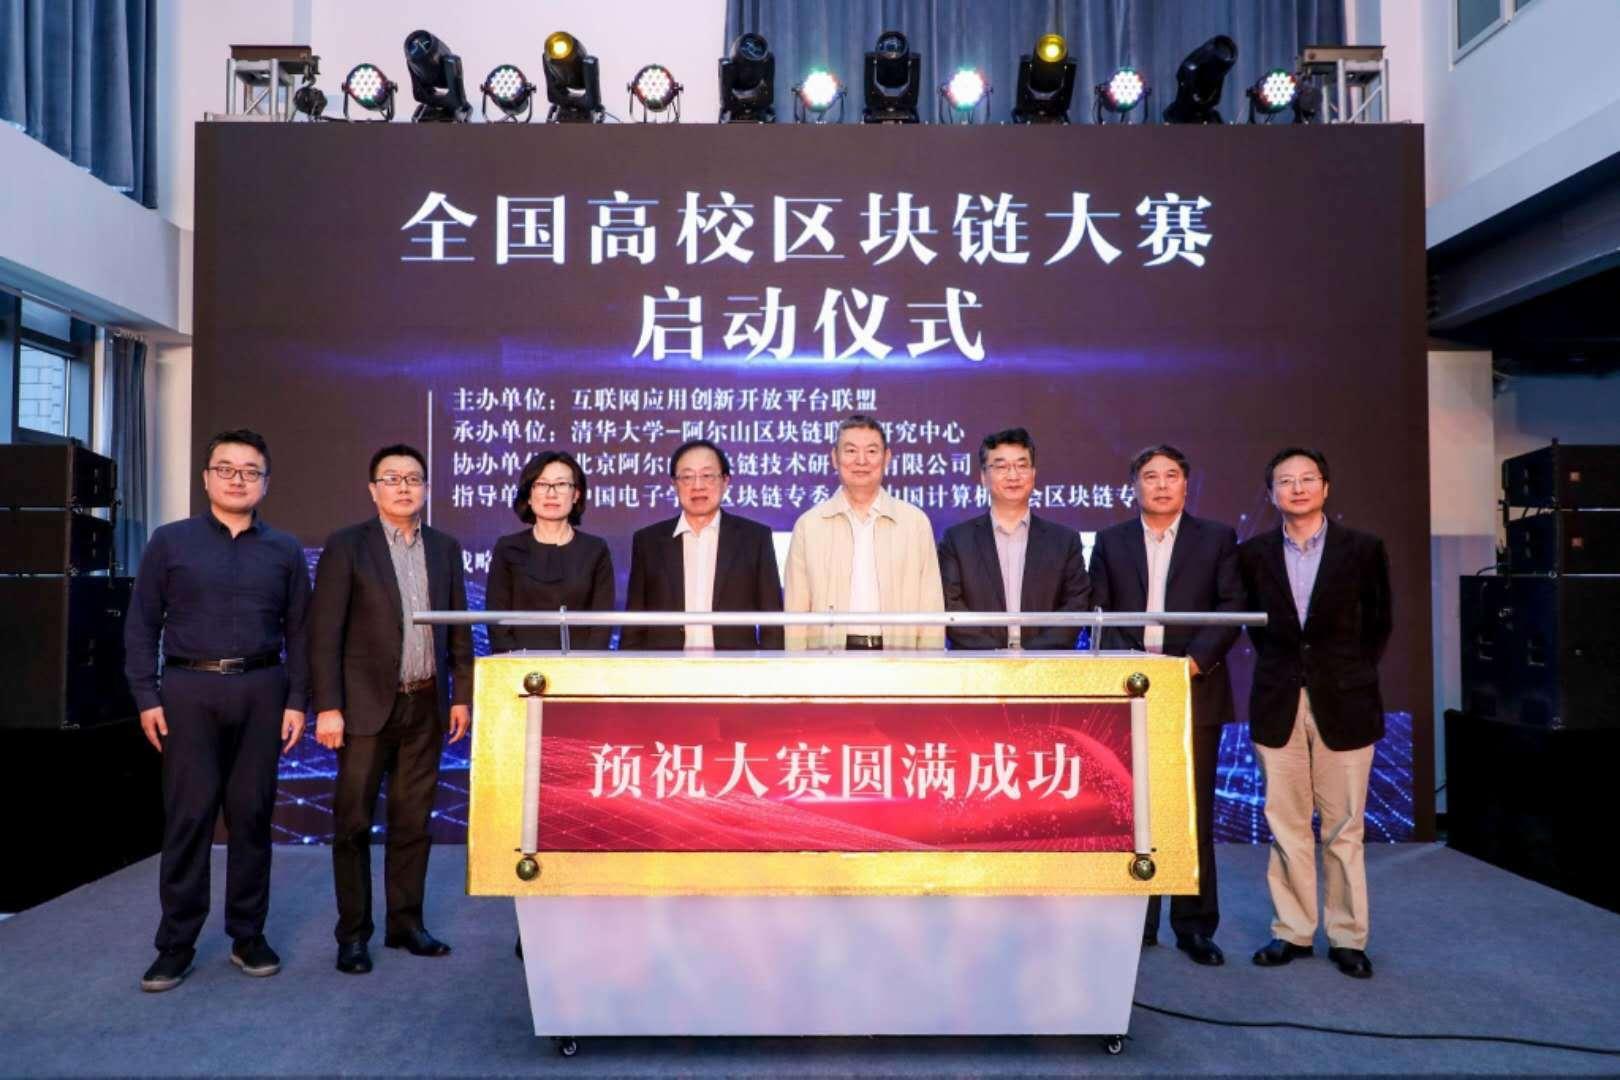 全国高校区块链大赛启动仪式在北京举行